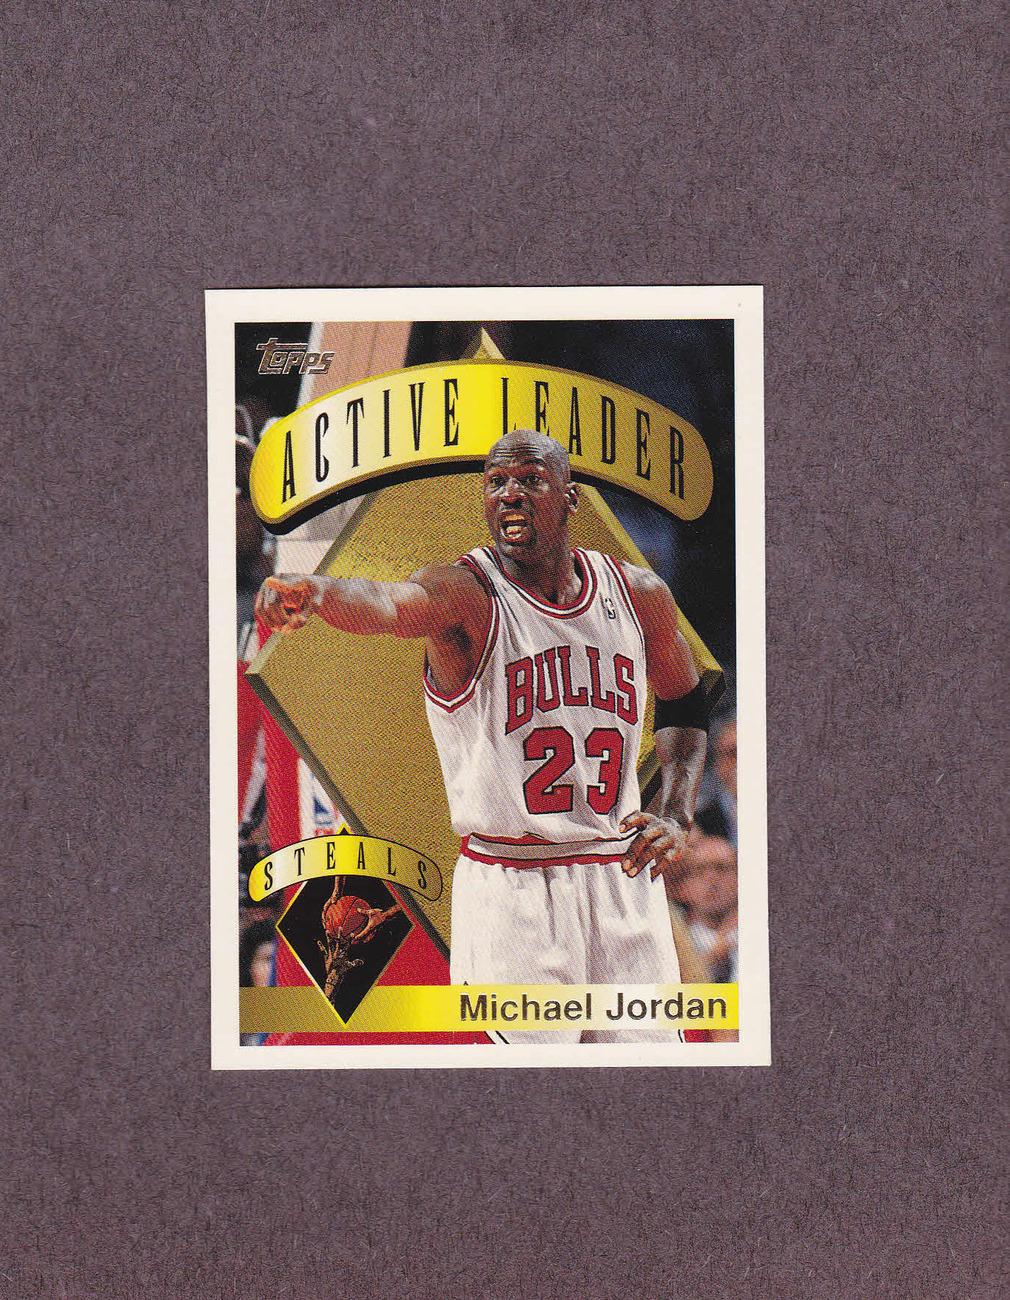 1995-96 Topps # 4 Michael Jordan Chicago Bulls NM